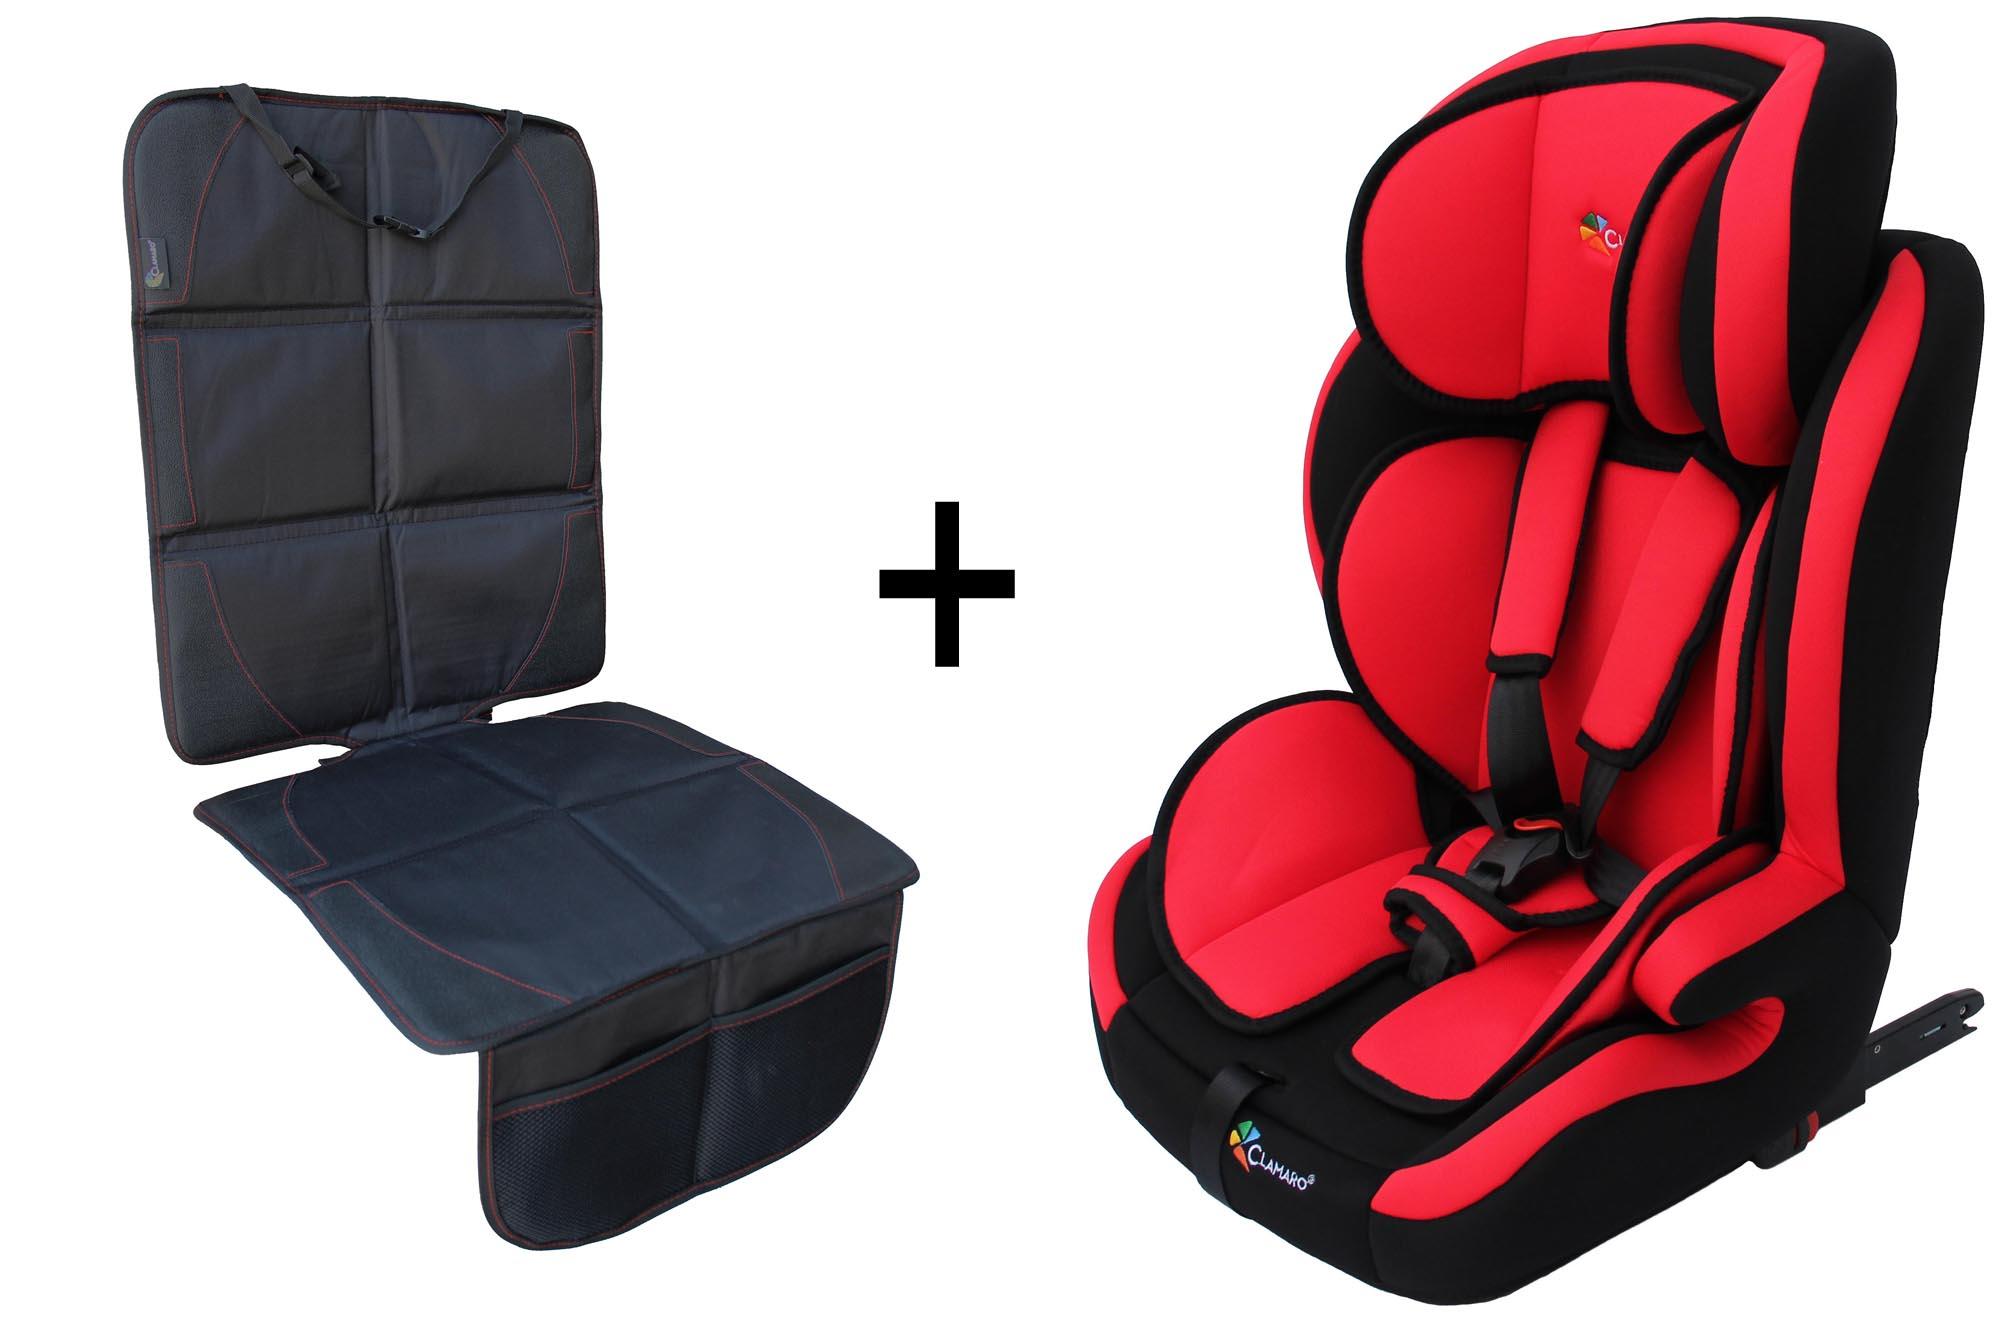 clamaro autokindersitz mit isofix von 9 bis 36 kg gruppe 1. Black Bedroom Furniture Sets. Home Design Ideas